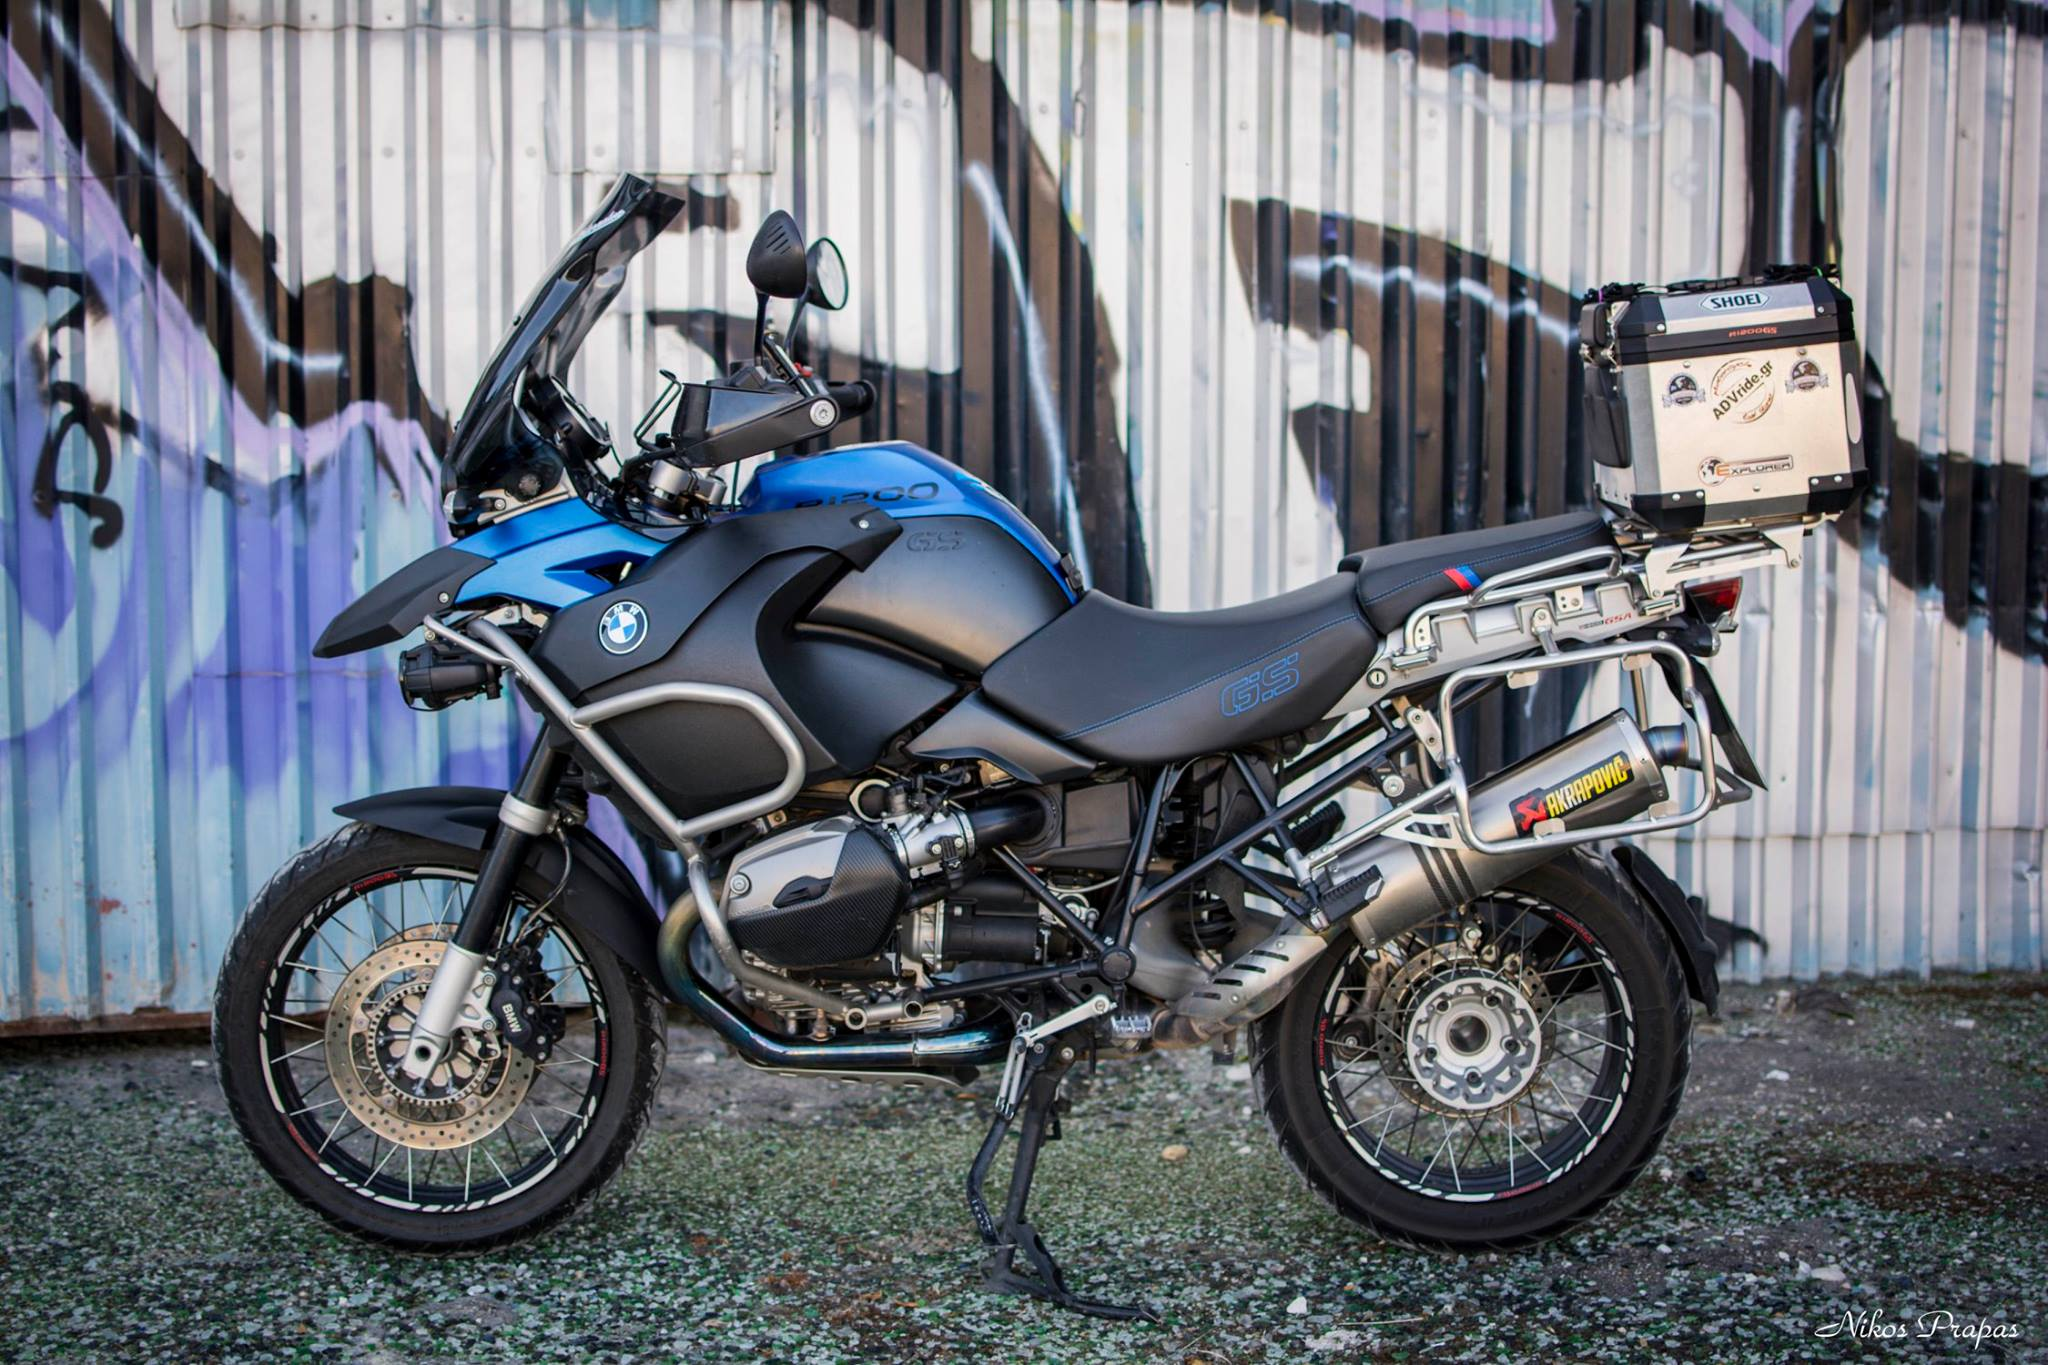 BMW-Gs1200-Dark-Blue-Satin-1